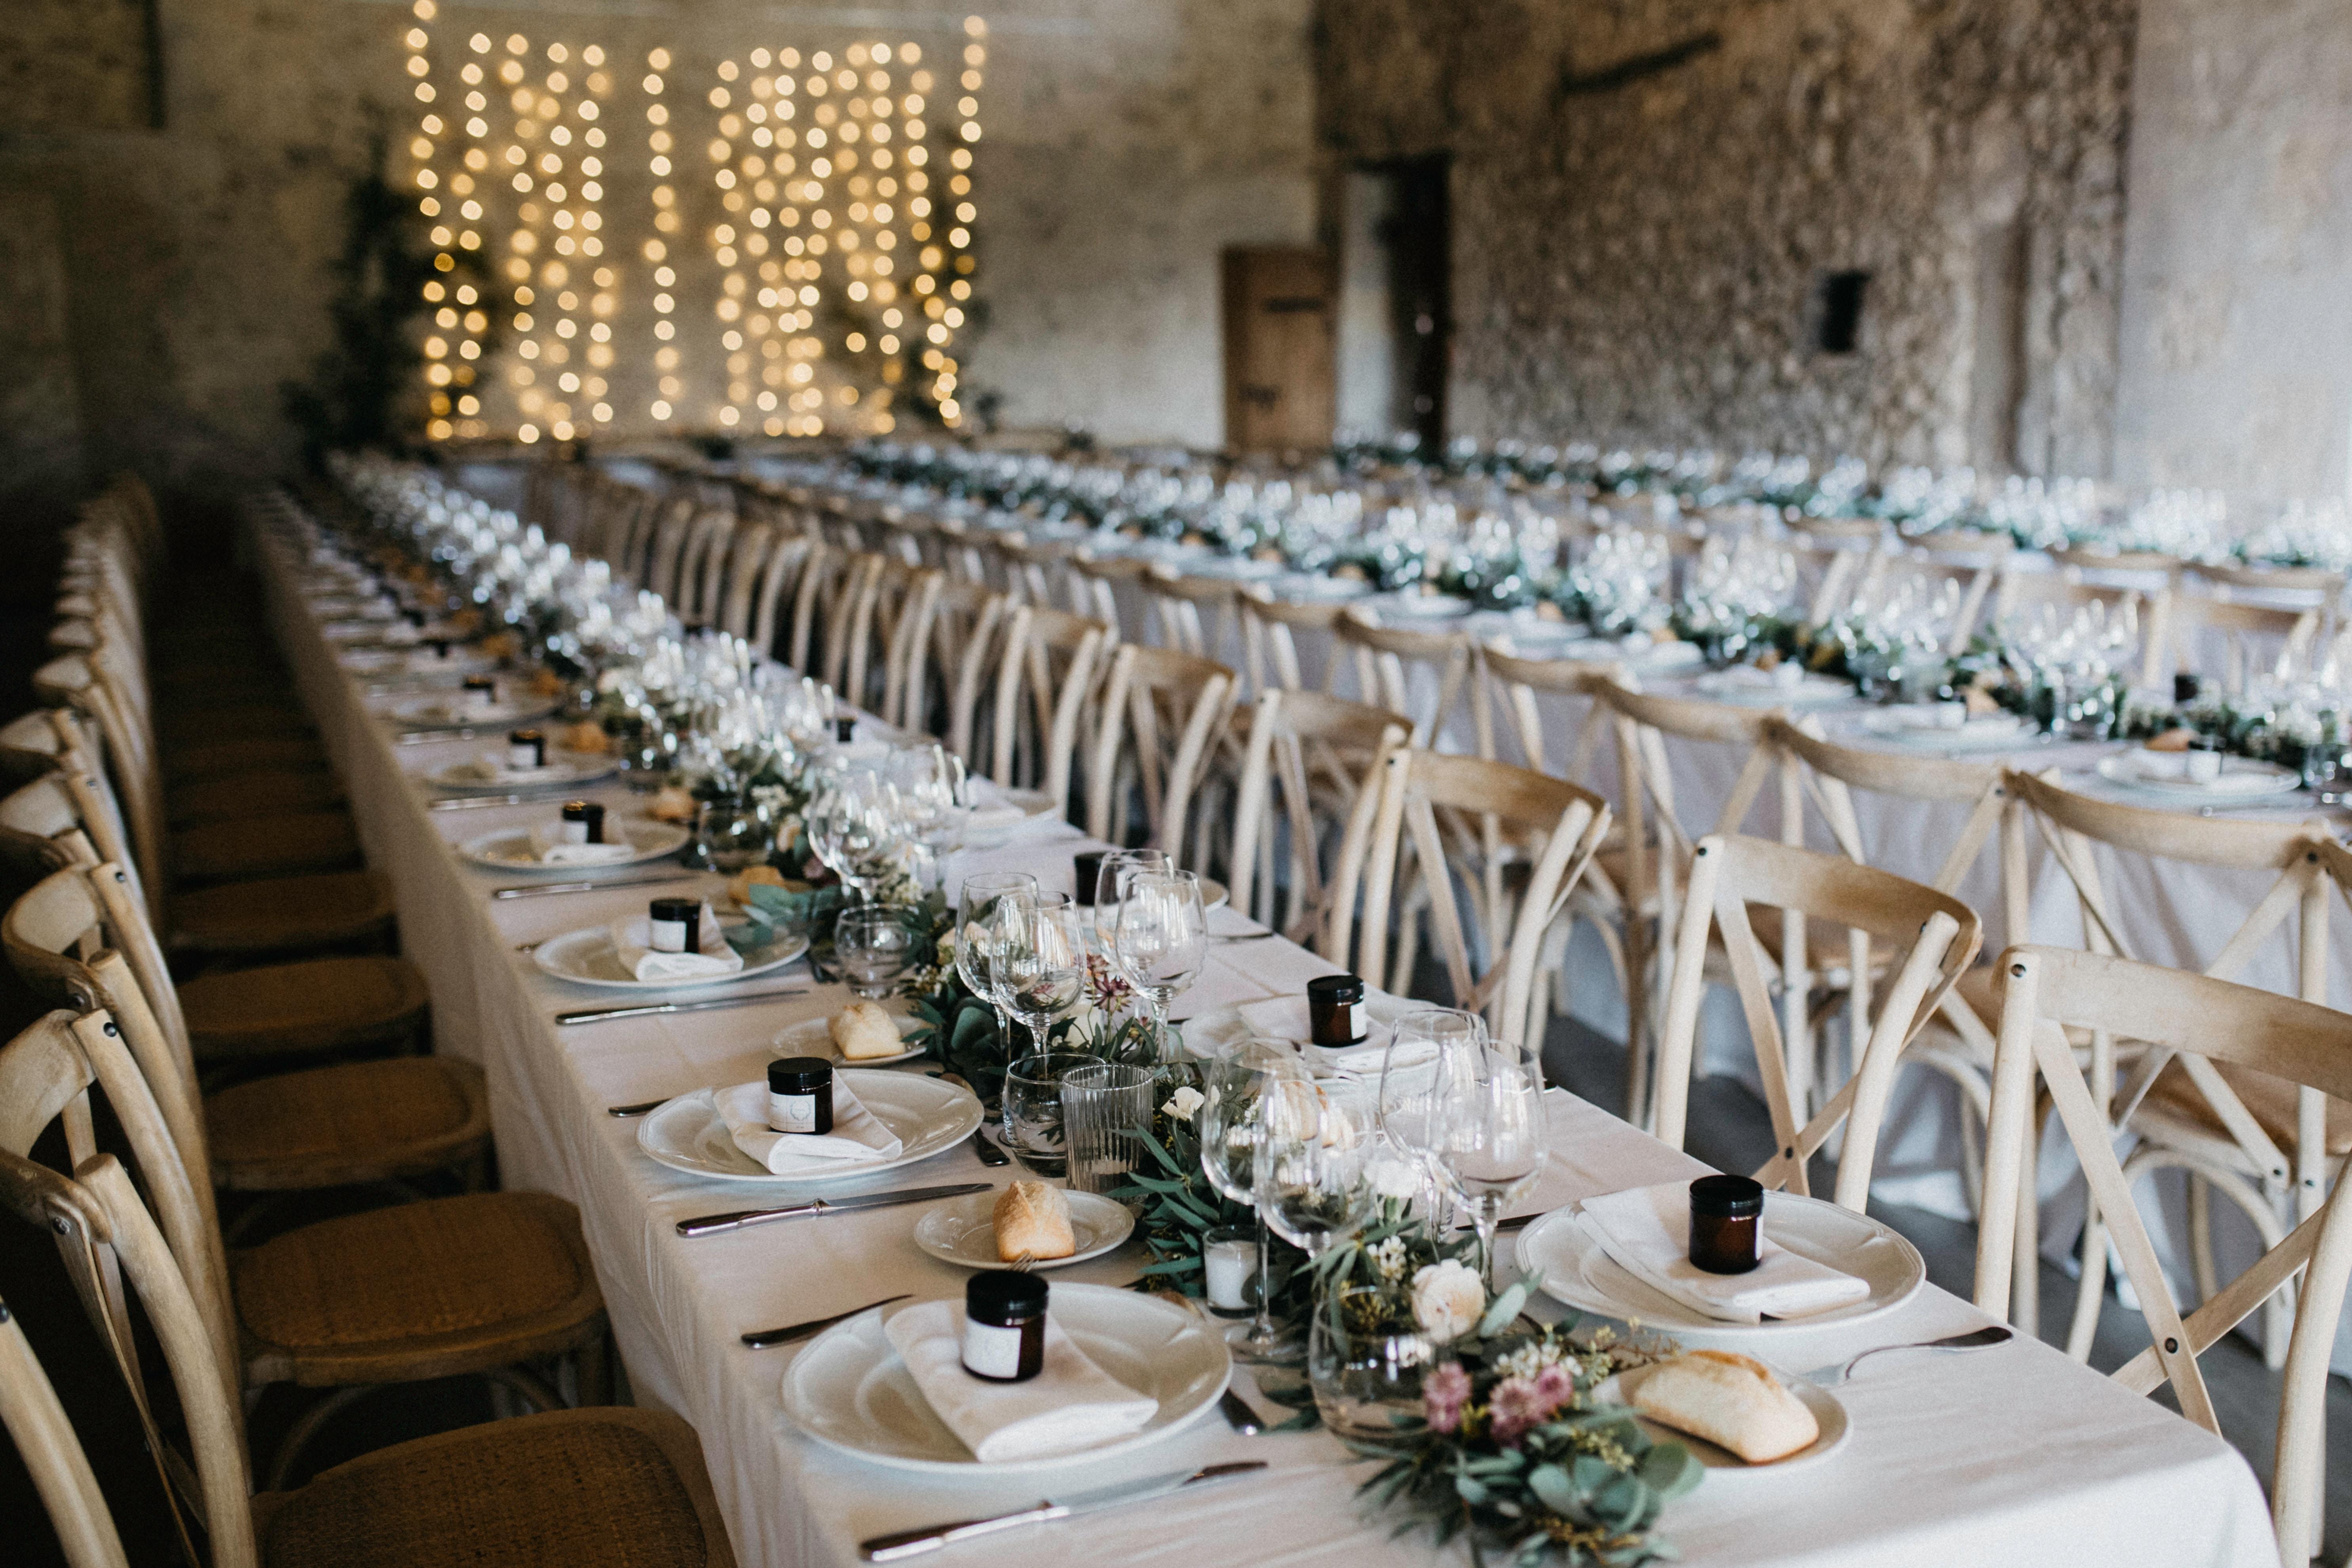 Scheunenhochzeit organisiert und Hochzeitslocation gefunden von der Hochzeitsplanerin aus Berlin!